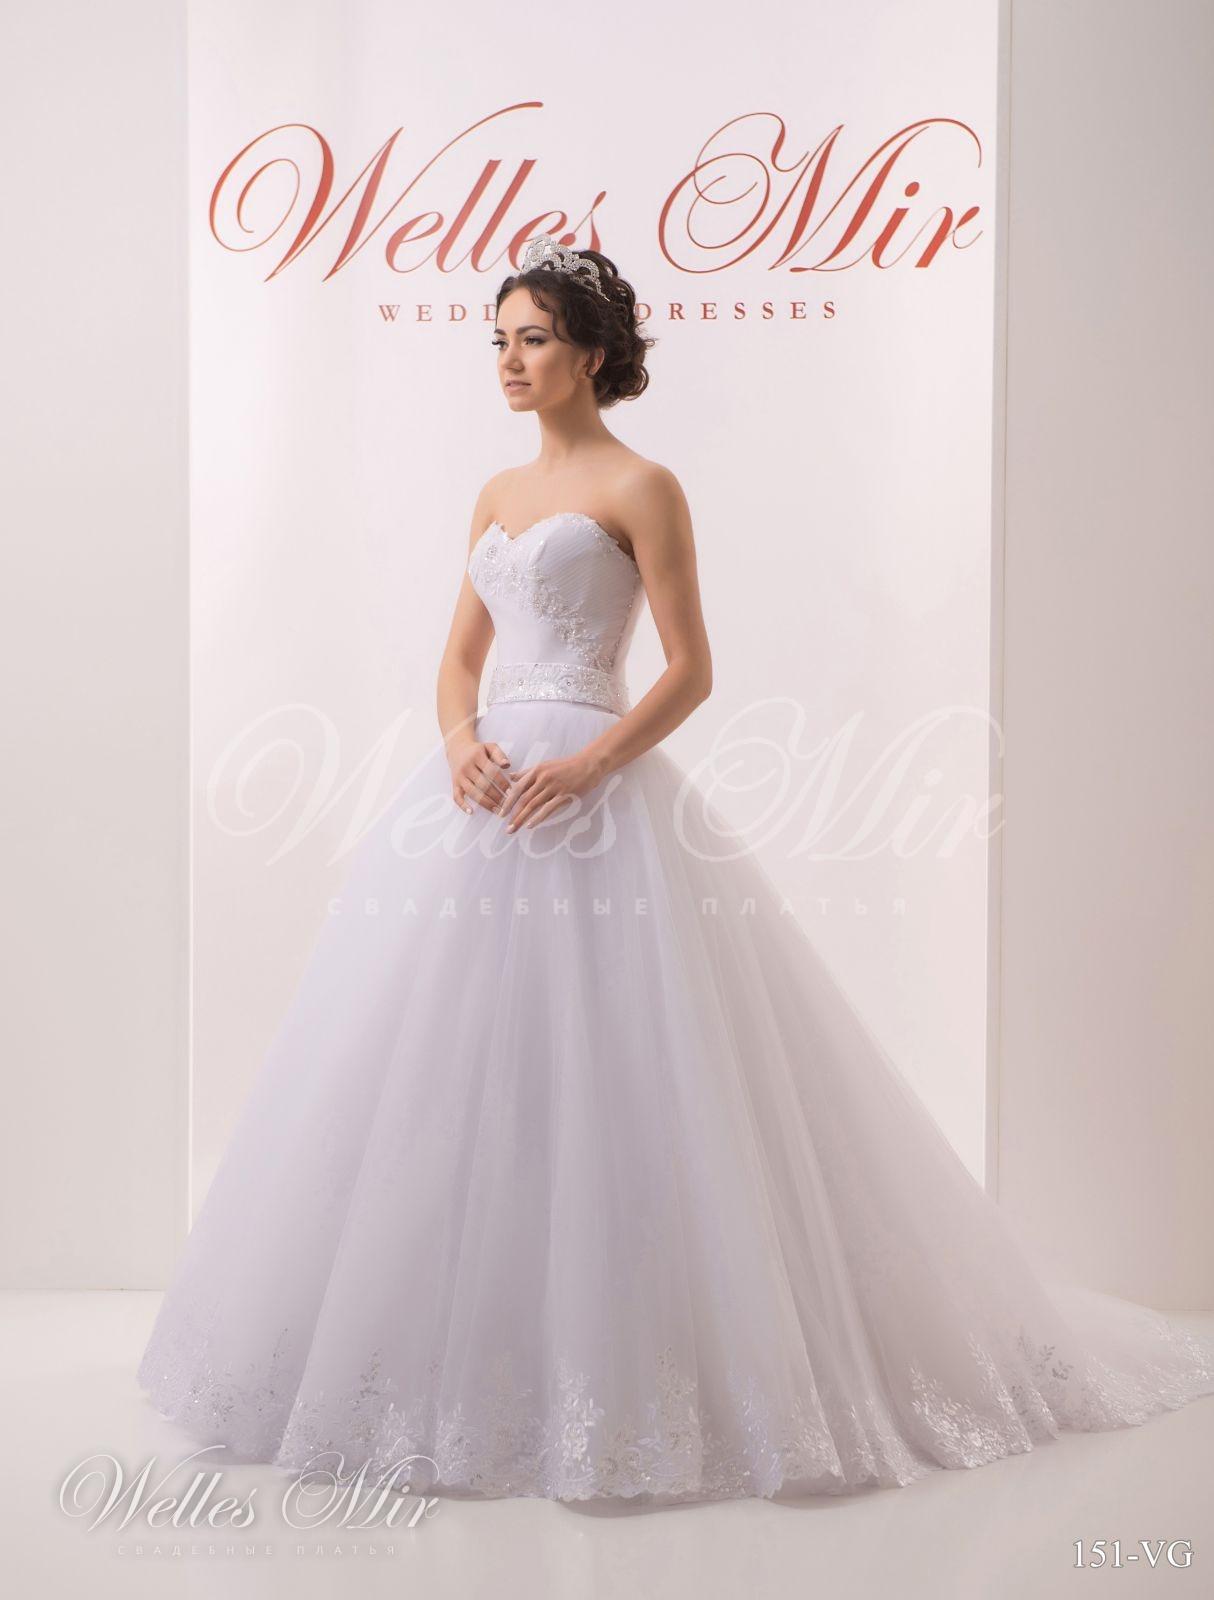 Свадебные платья Soft collection - 151-VG